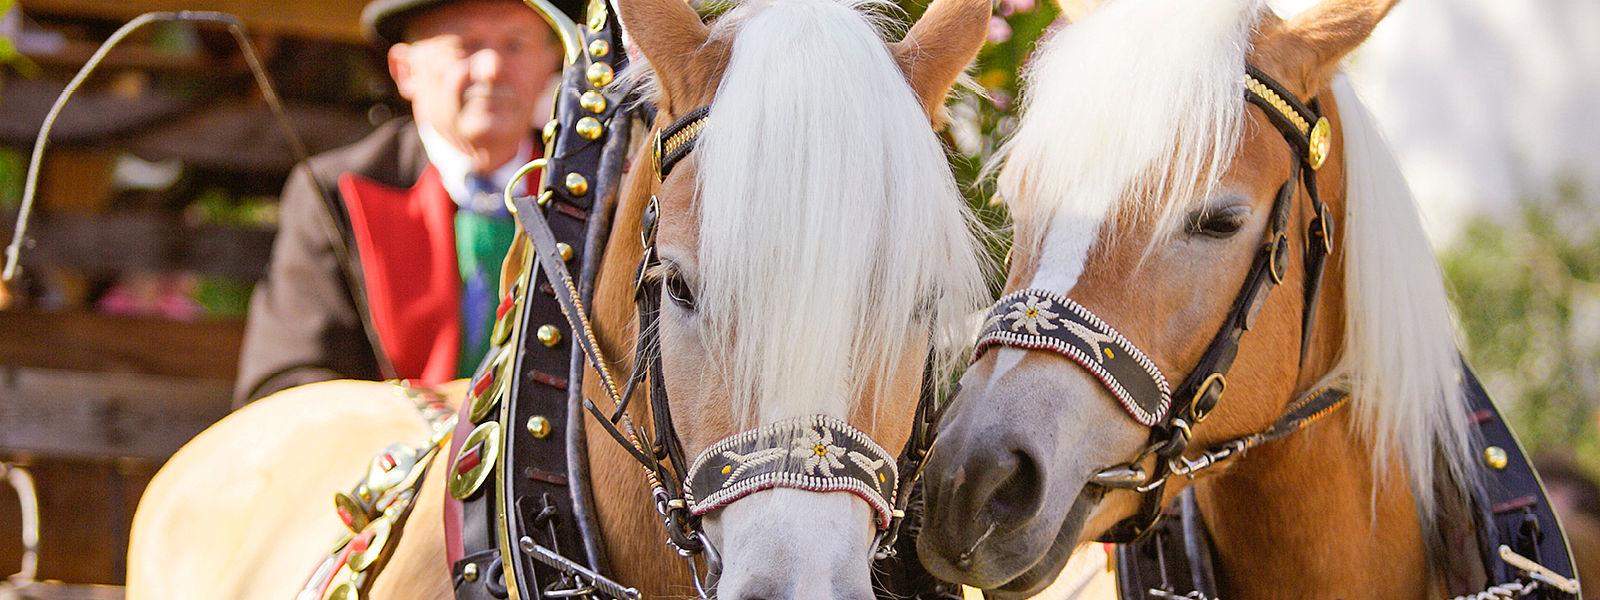 Pasqua 2020 trentino alto adige vacanza eventi e sagre for Cavalli bolzano